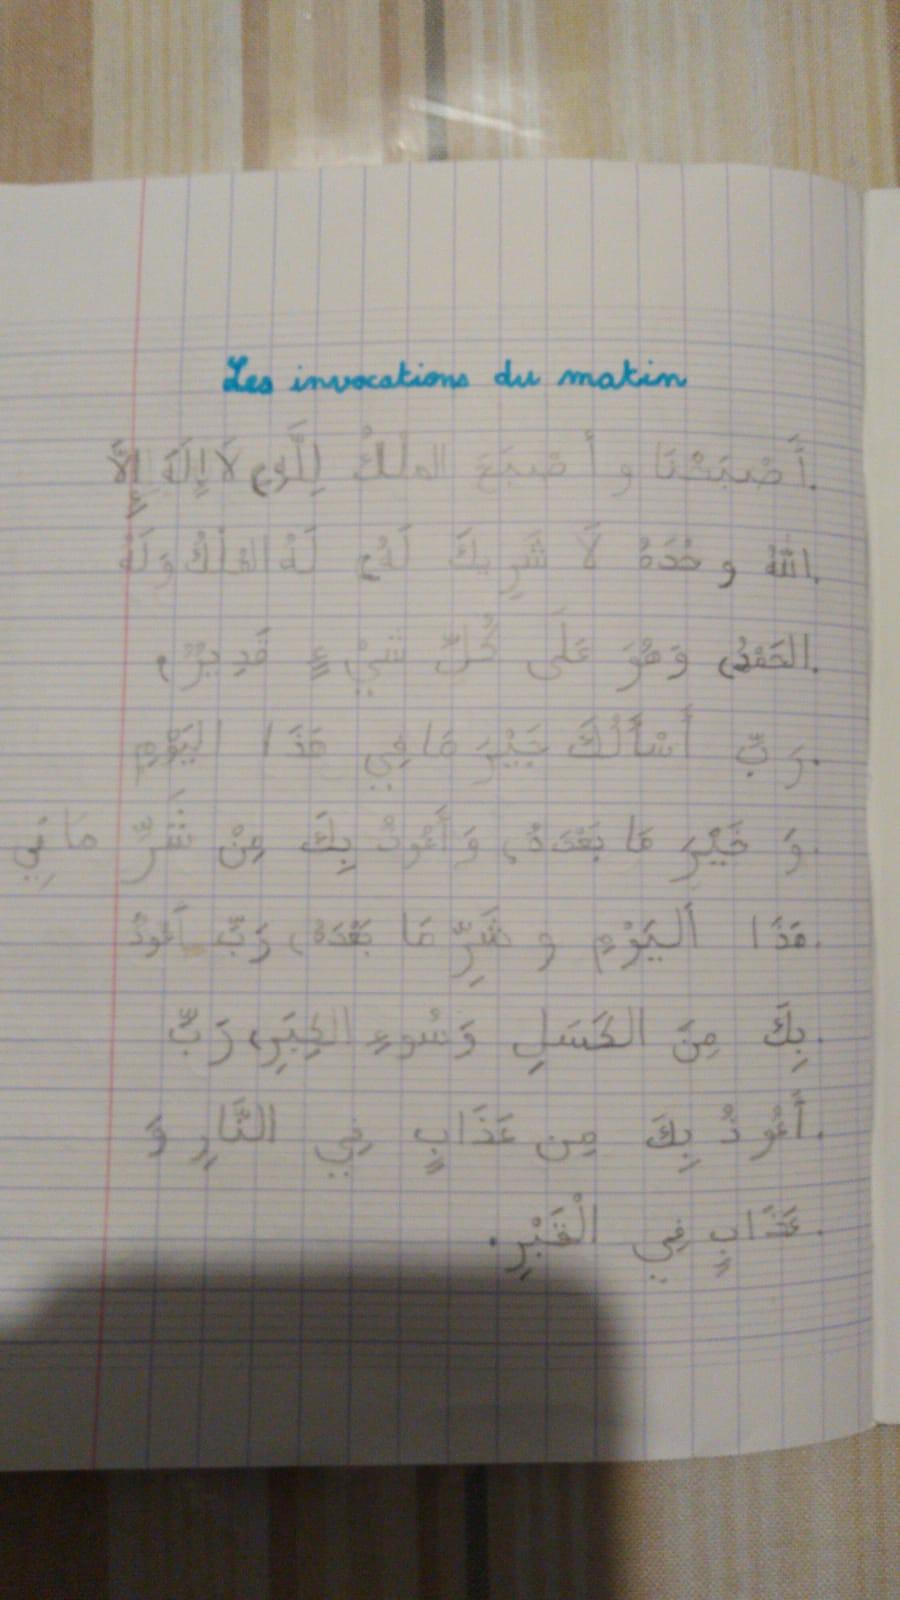 khadidja2011 314